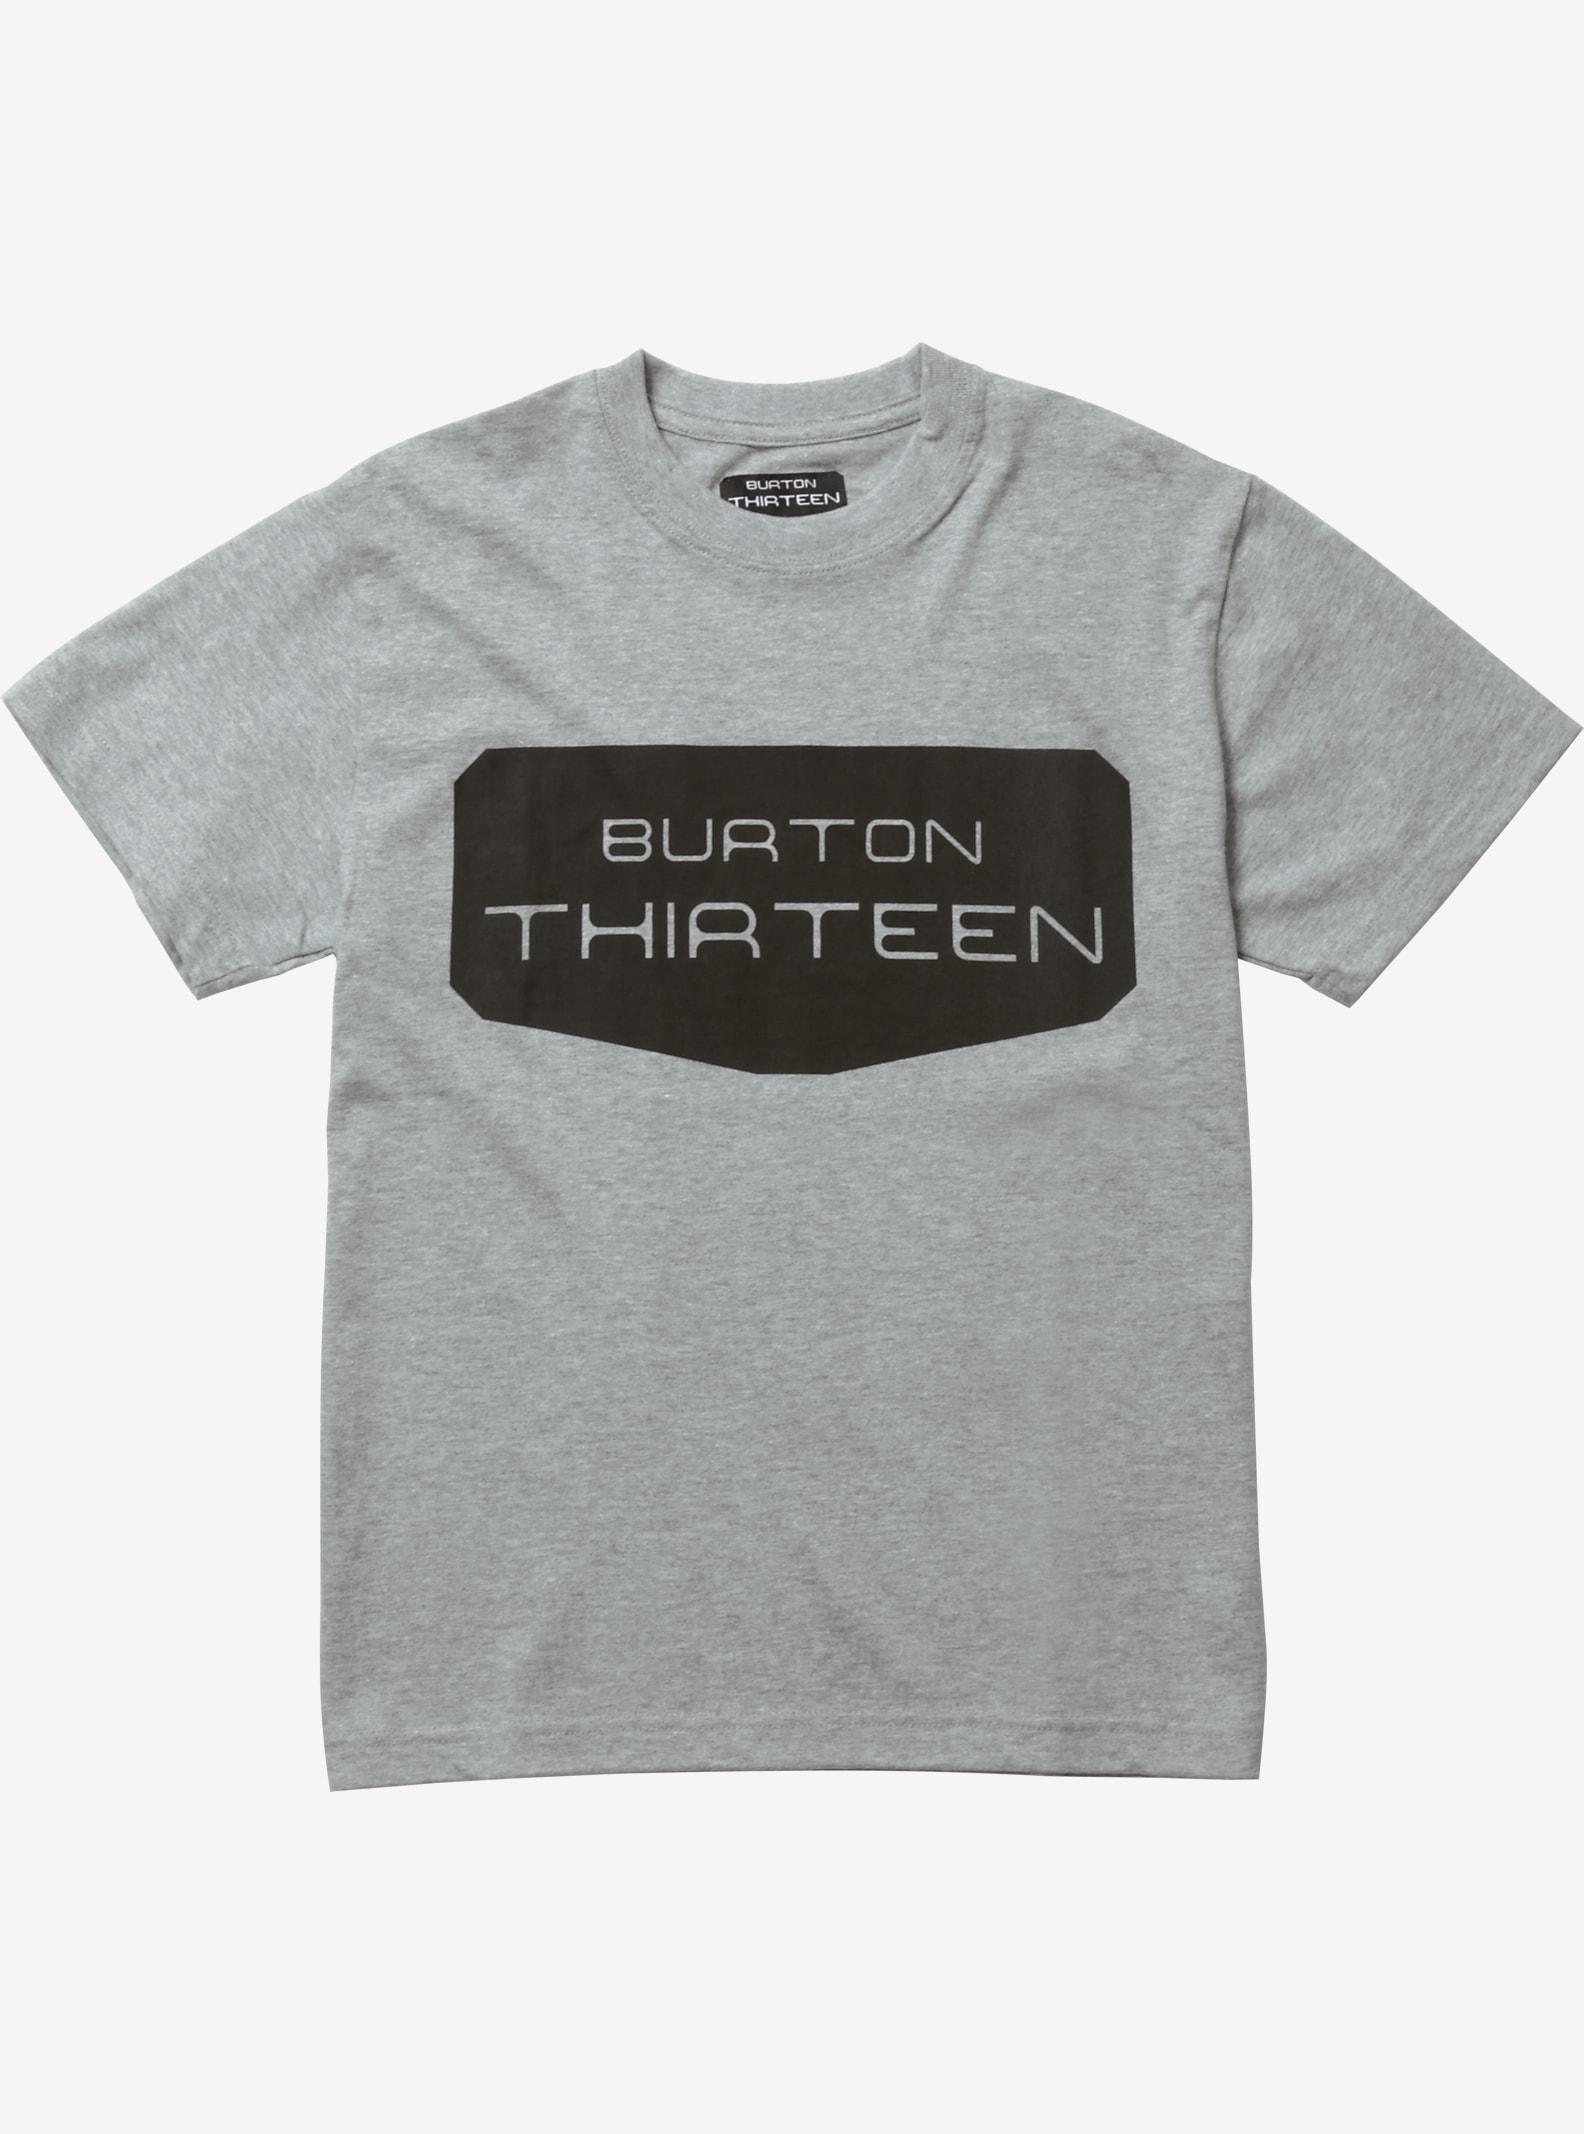 Burton THIRTEEN Wikvaya Short Sleeve T Shirt shown in Heather Gray